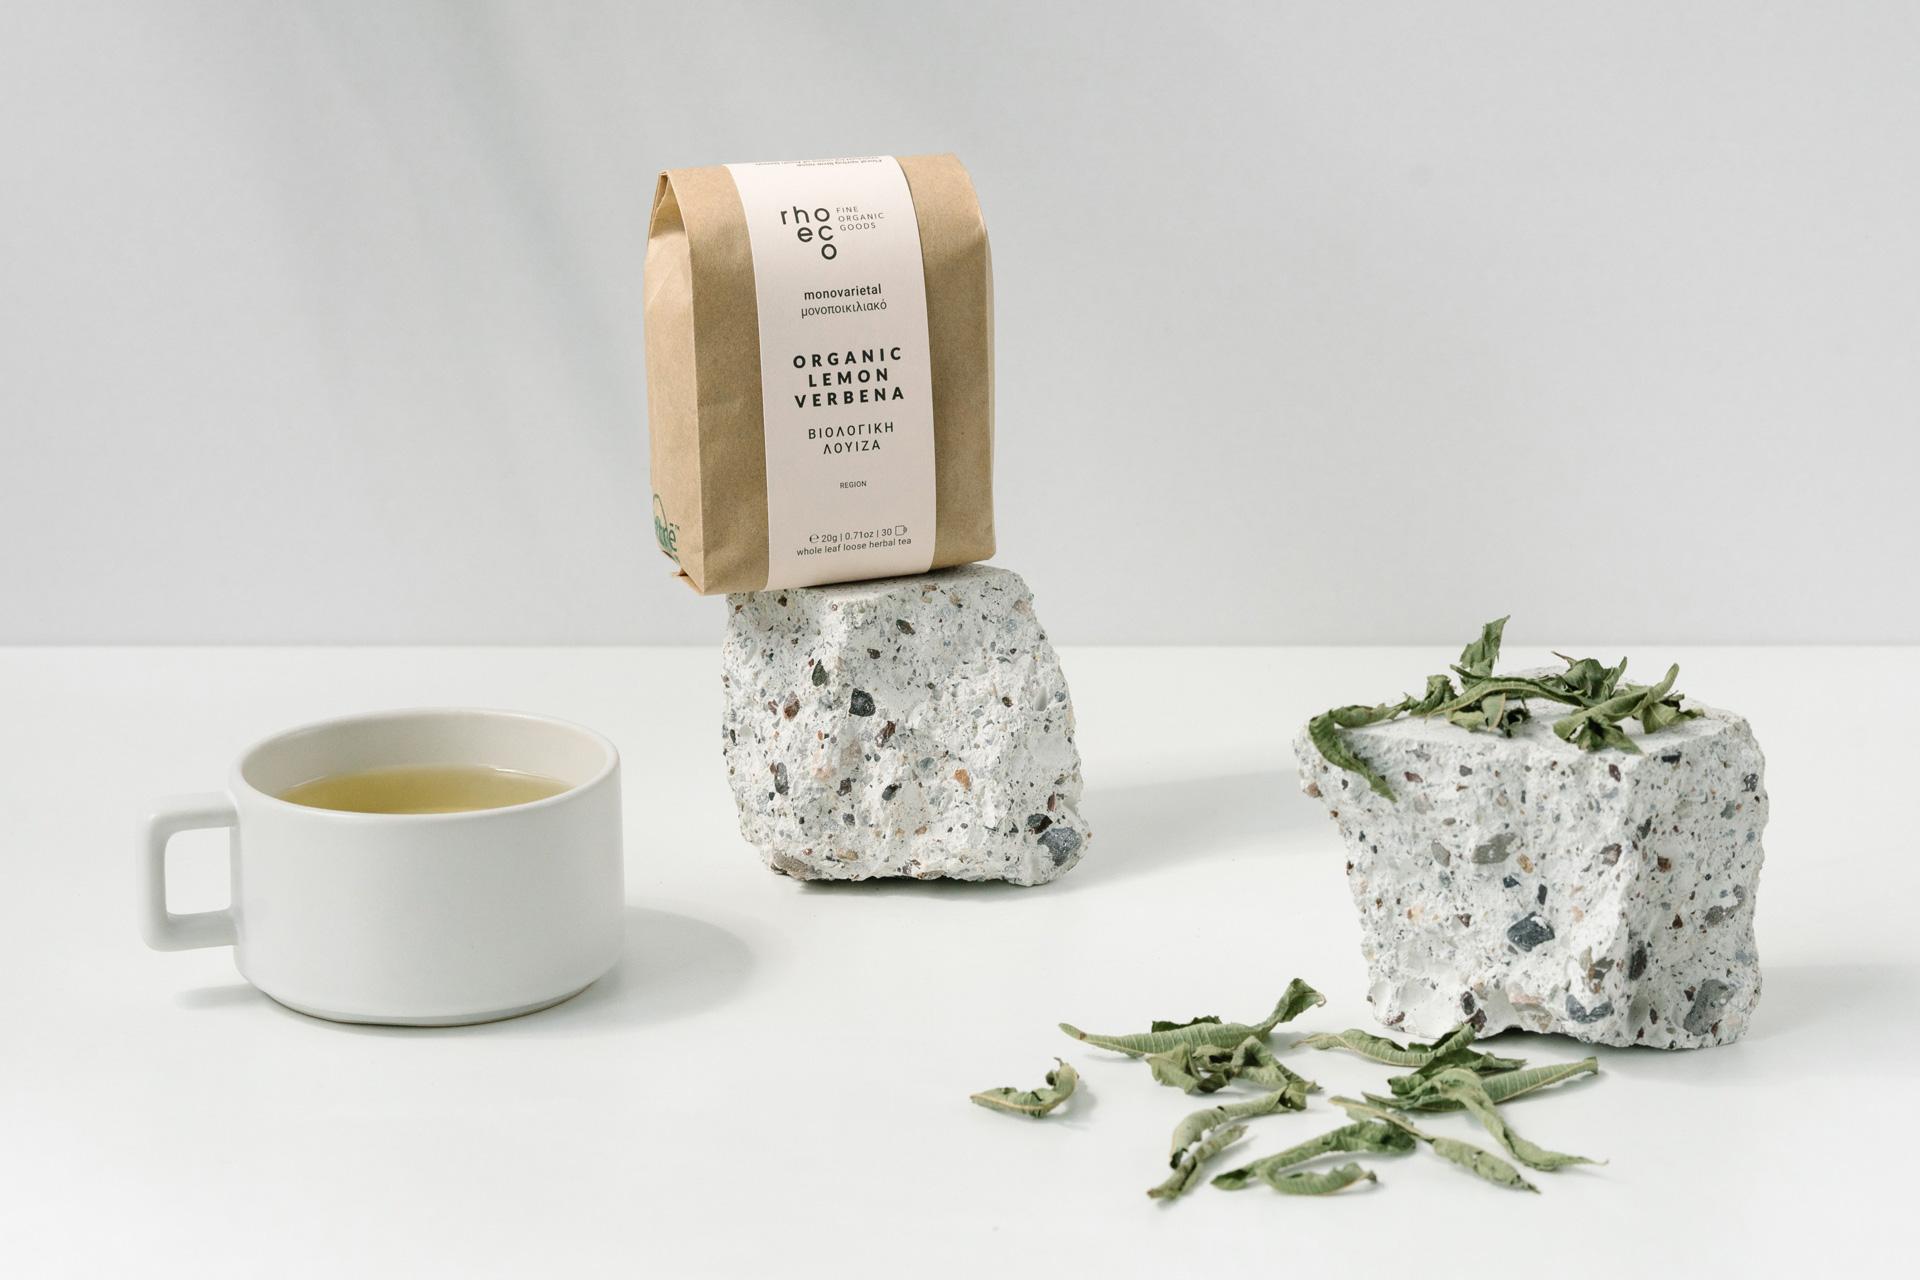 Organic Lemon Verbena